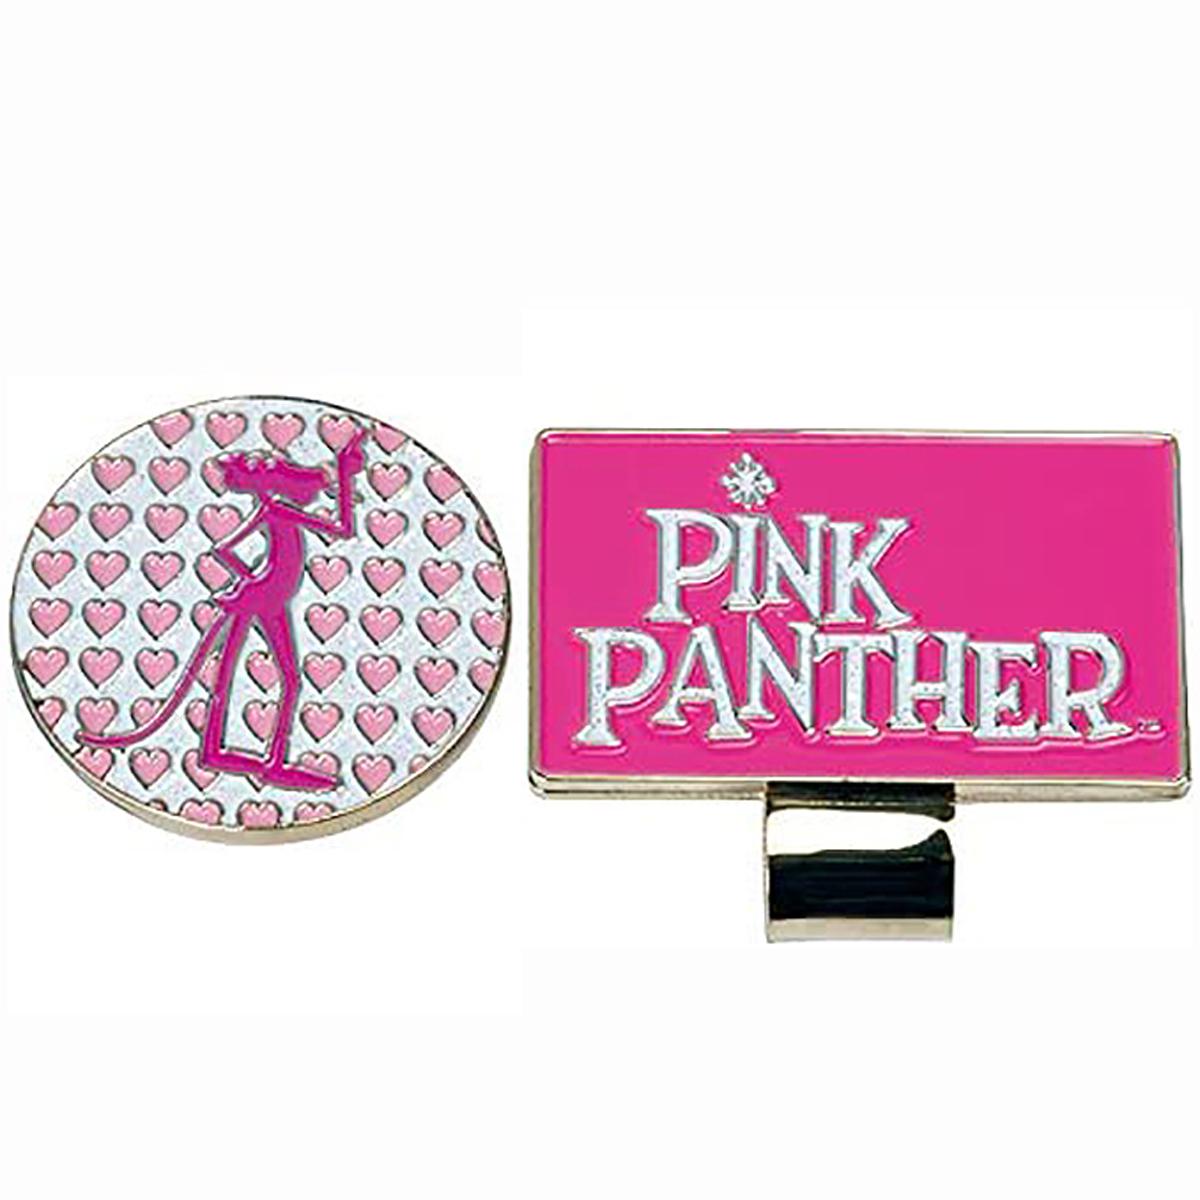 ピンクパンサーボールマーカー X-796